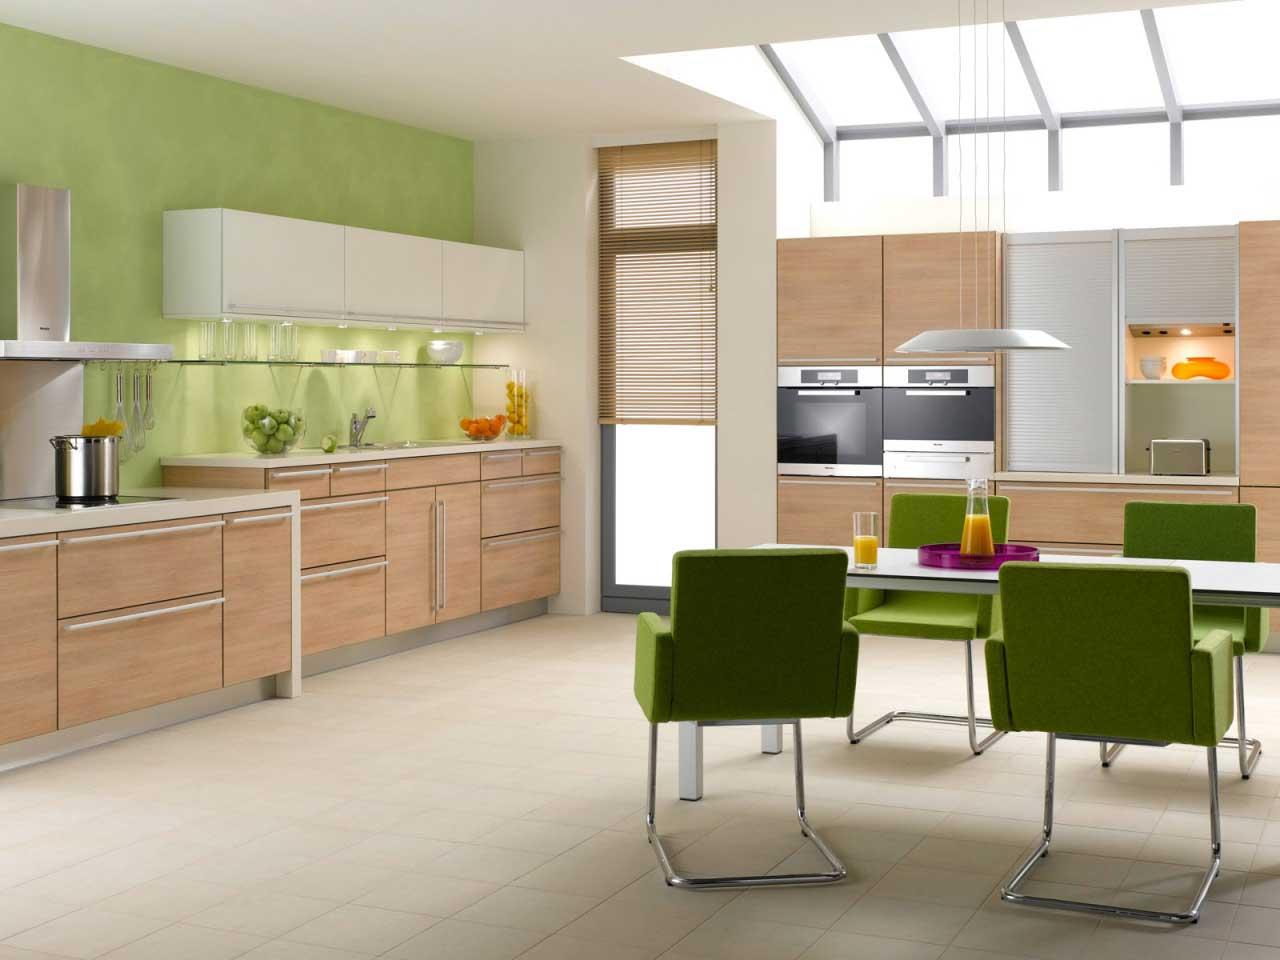 Бежево-зеленая кухня по фэн-шуй